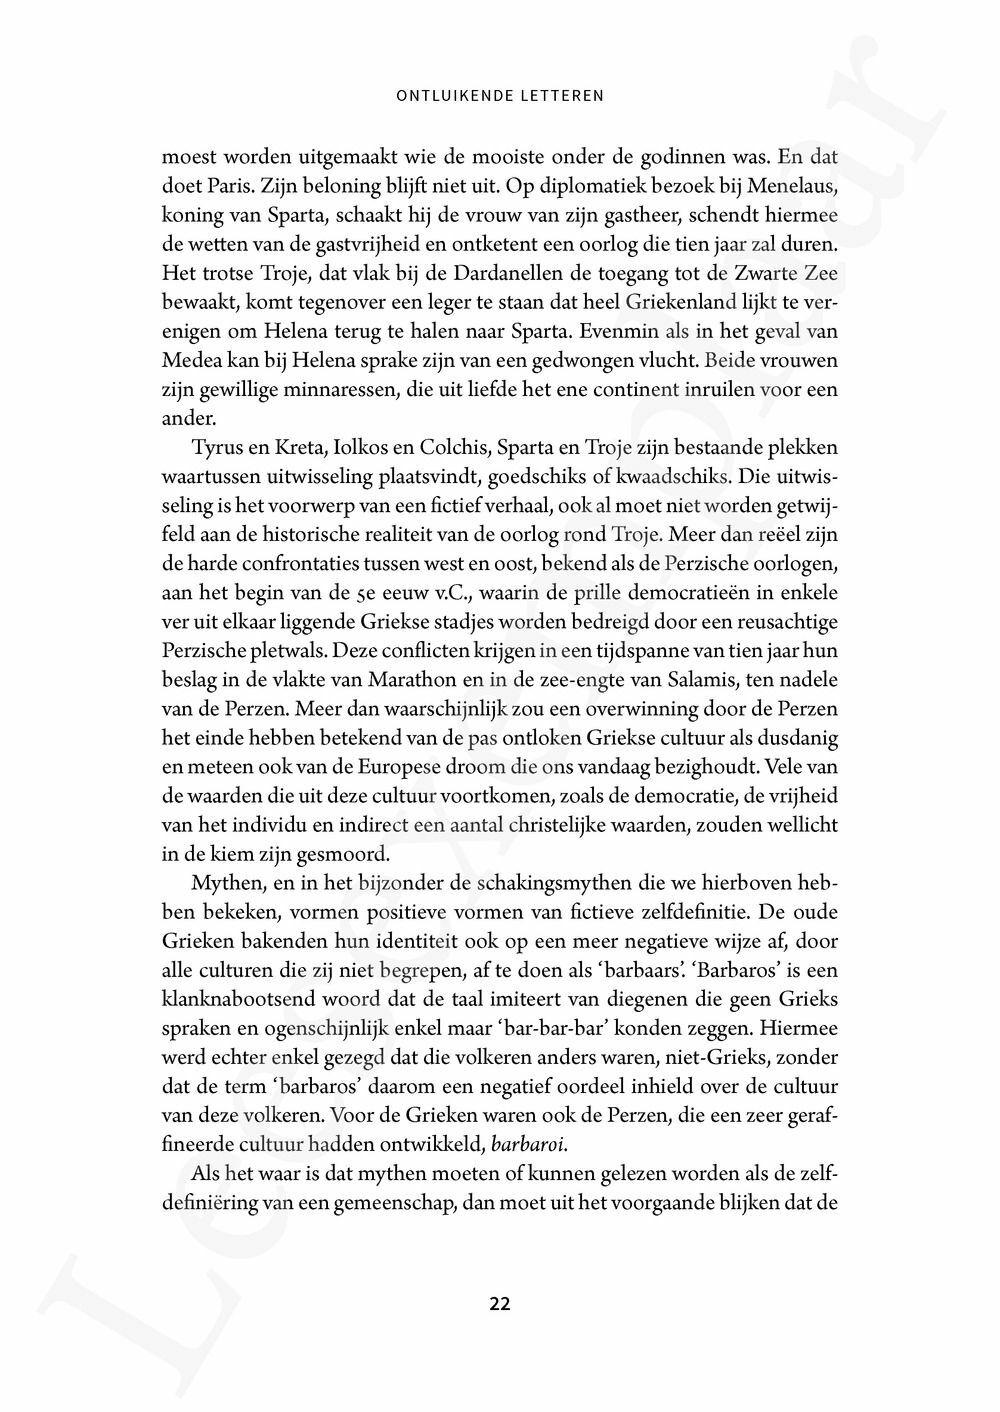 Preview: Ontluikende letteren (hardcover)